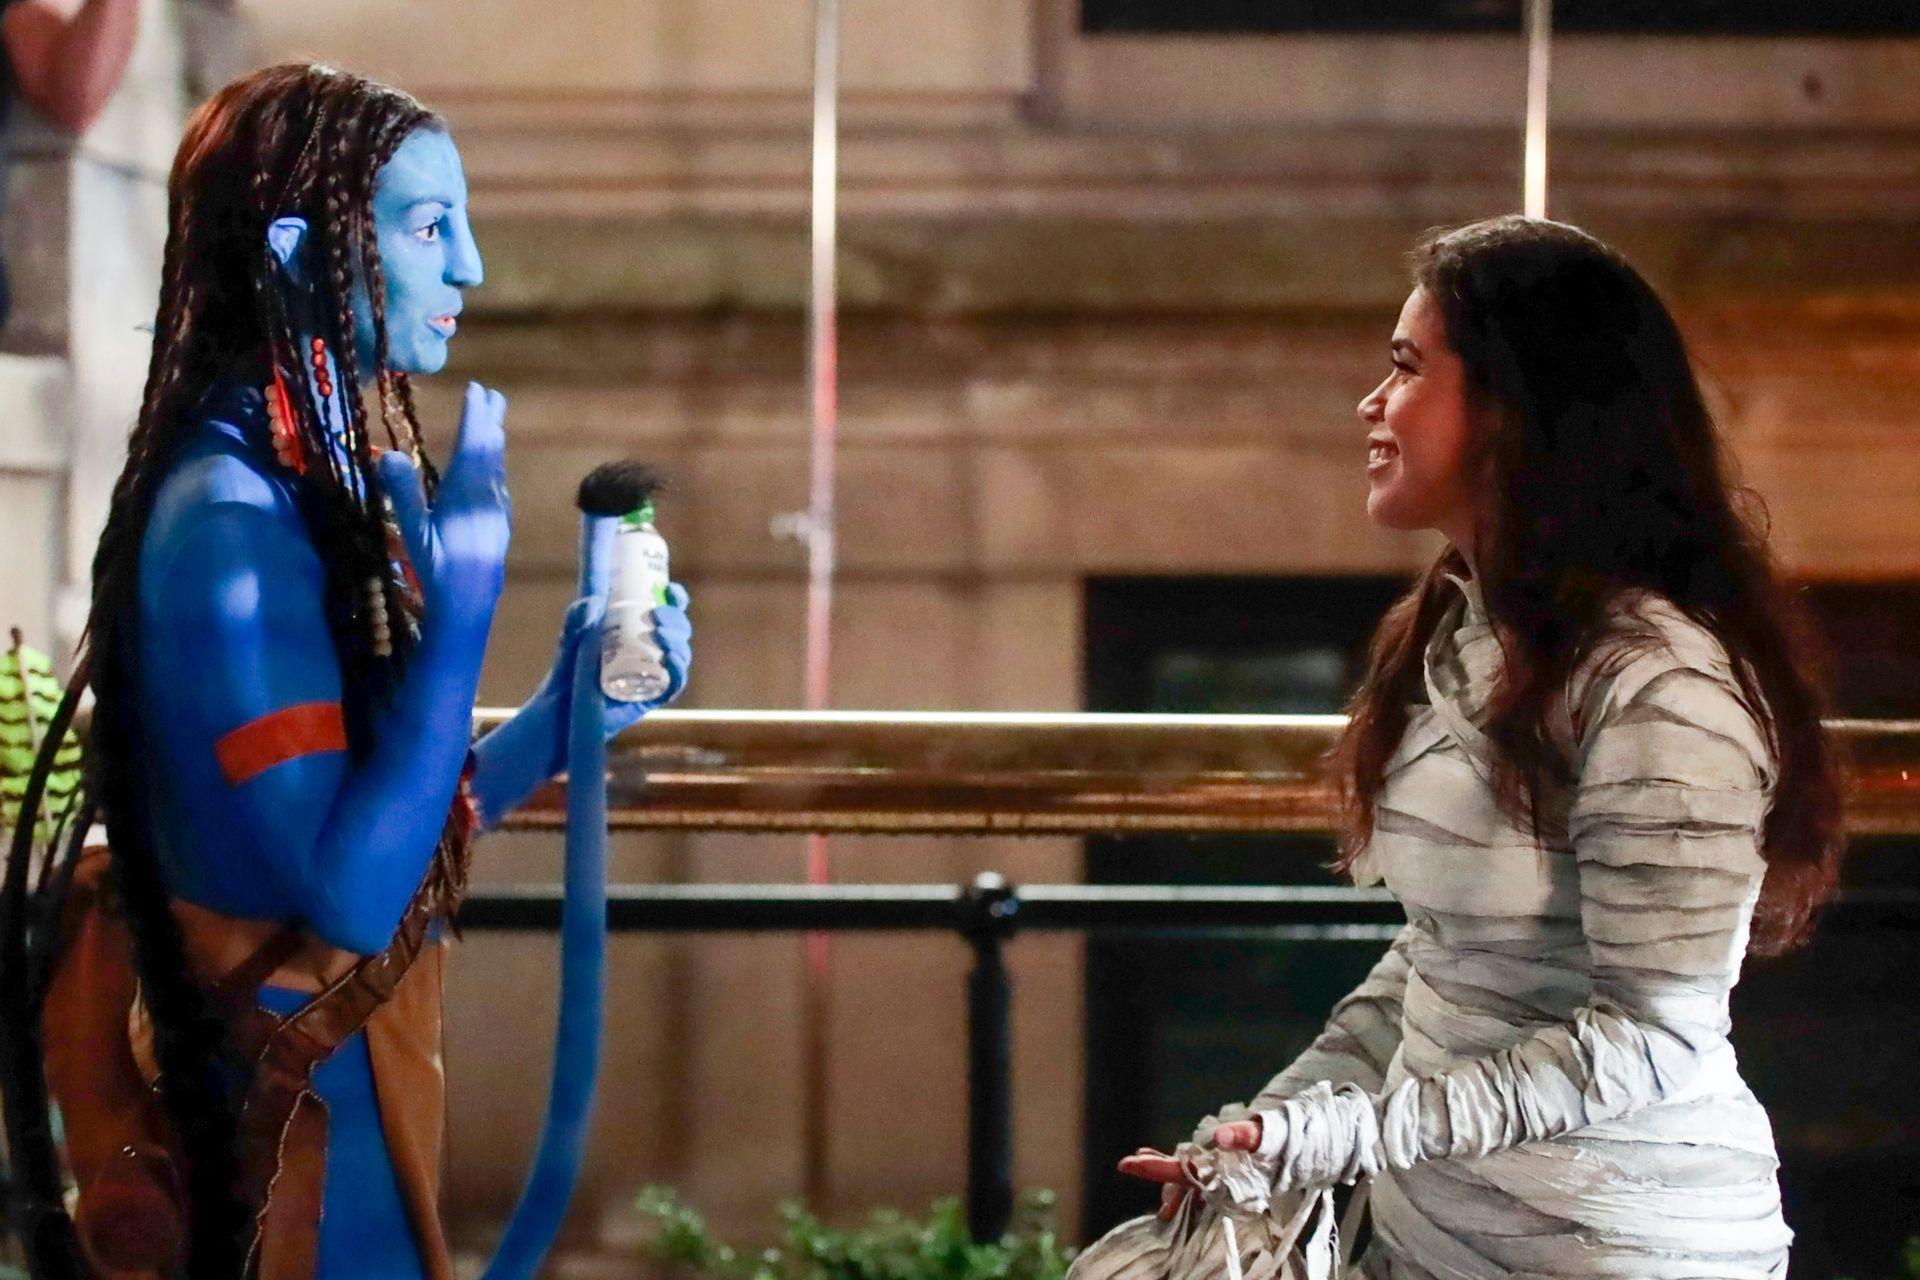 Disfrazadas: America Ferrera y Anne Hathaway en el rodaje del film WeCrashed